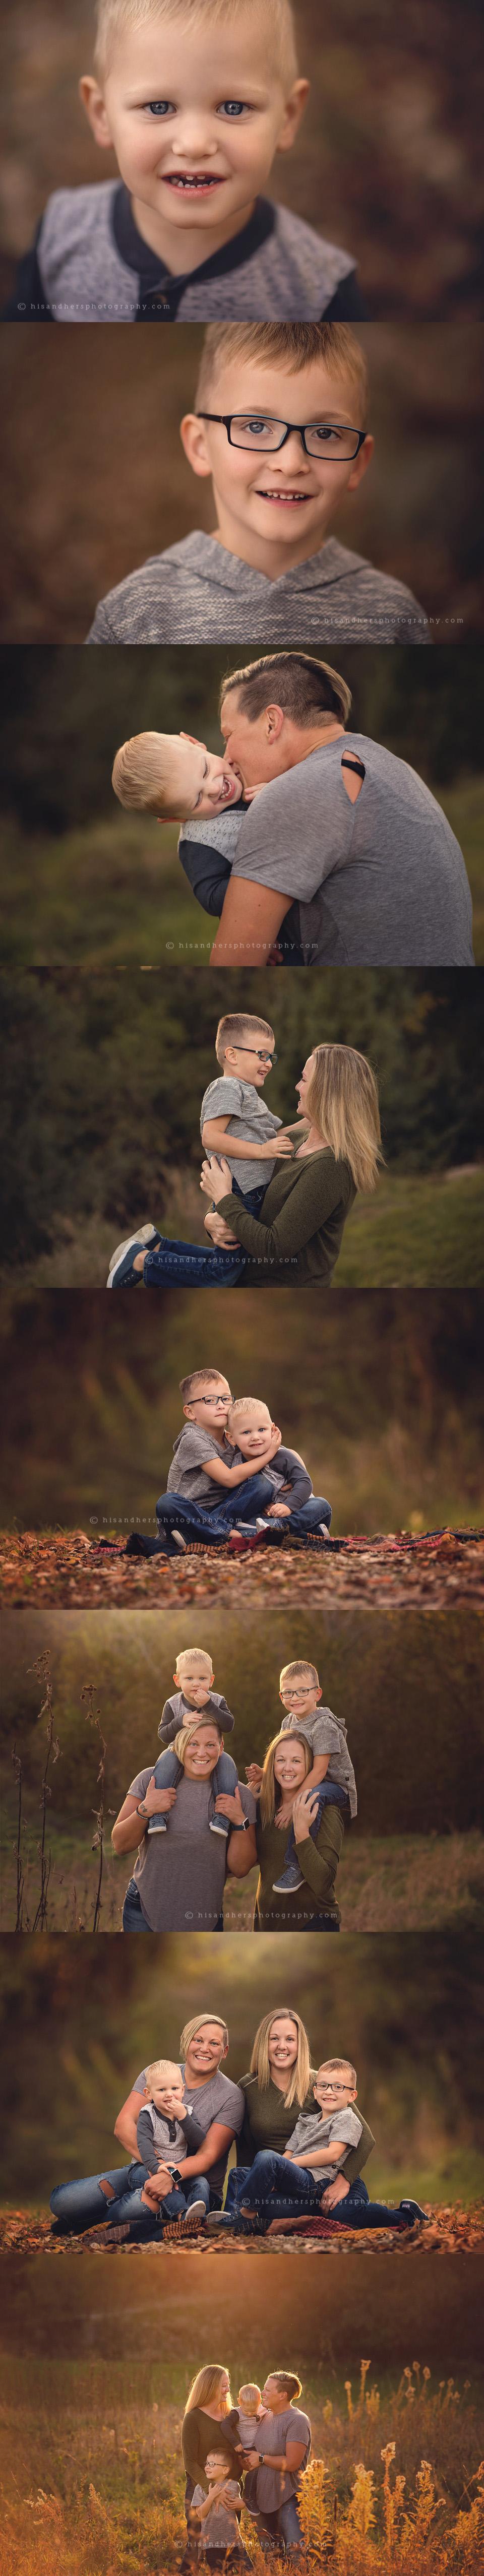 des moines iowa family pictures portraits photographer family photo session iowa photography photographer